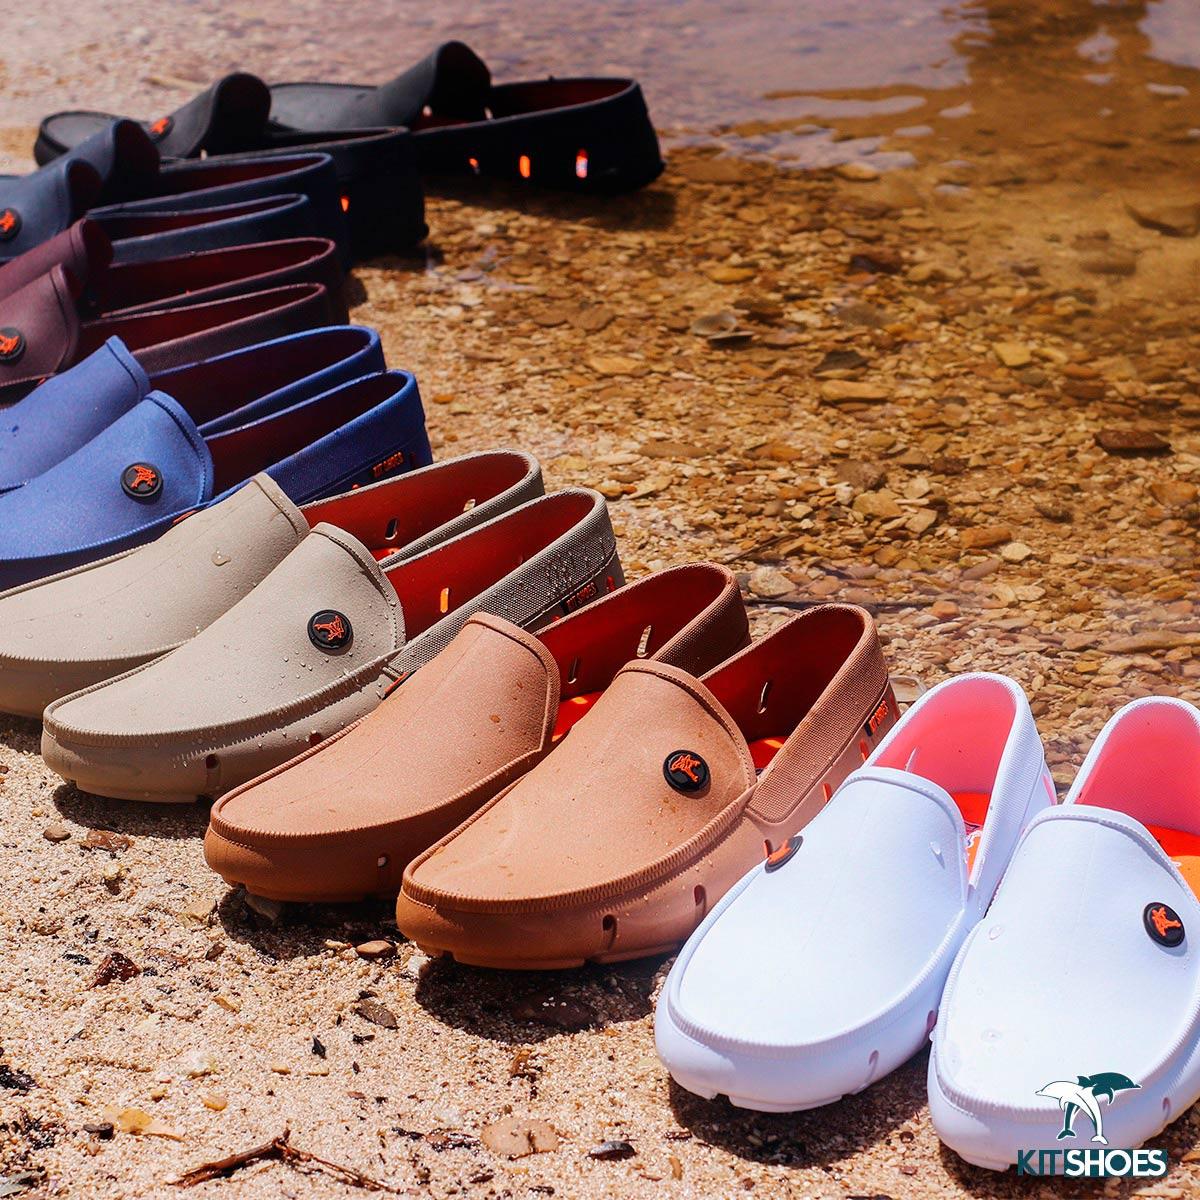 Sapatilha Aquática Mocassim Kit Shoes - Várias Cores